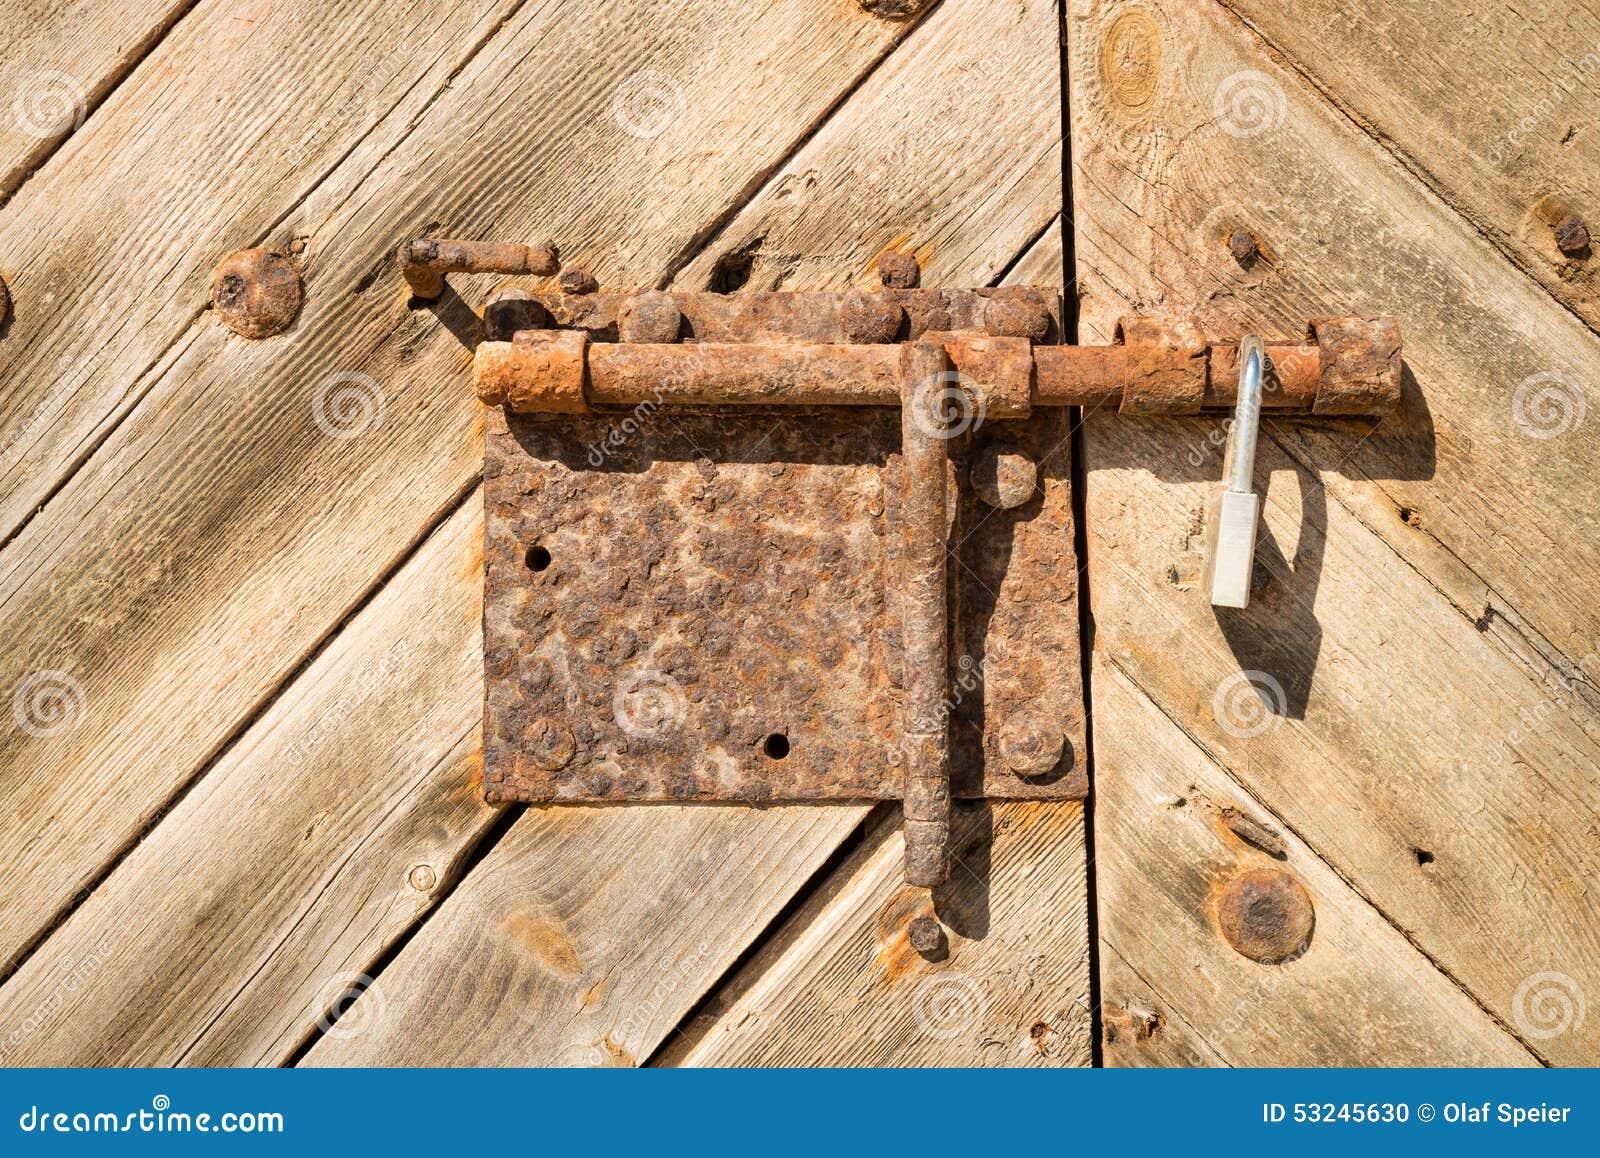 Bolted Door Meaning \\\\\\\\\\\\\\\\u0026 Door Latch Definition \\\\\\\\\\\\\\\\\\\\\\\\\\\\\\\\\\\\\\\\\\\\\\\\\\\\\\\\\\\\\\\\u0026 Bolted Door Meaning ... & Dictionary Door Frame \u0026 Carharts-Entry-Modern-with-black-door ... Pezcame.Com